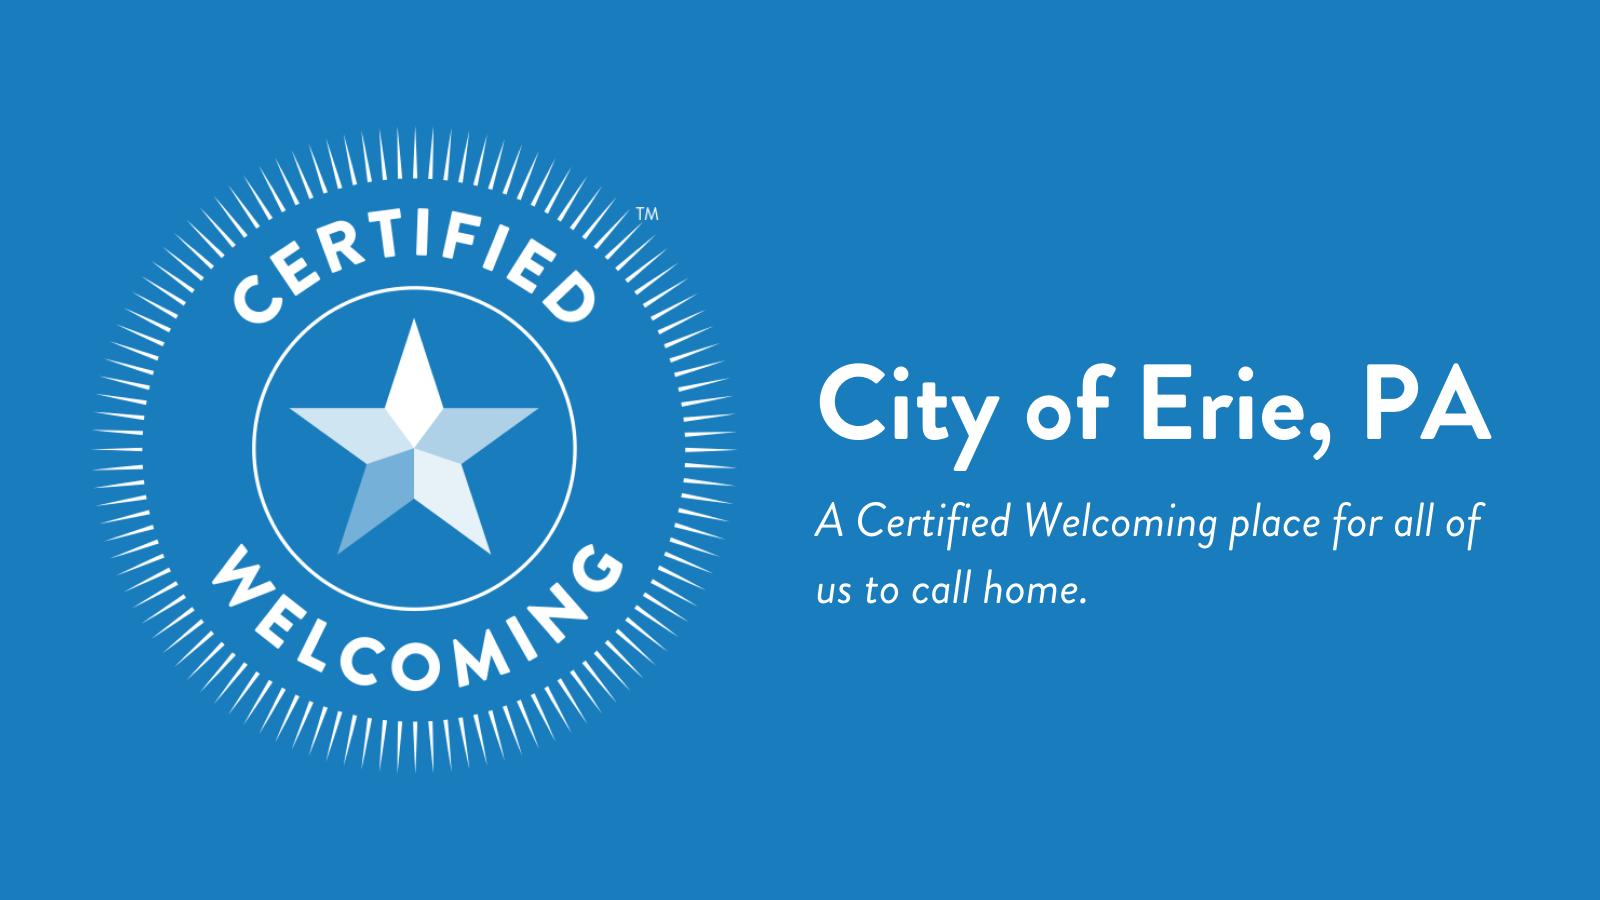 CW-Erie-PA-Tagline-Twitter-LinkedIn-Blue